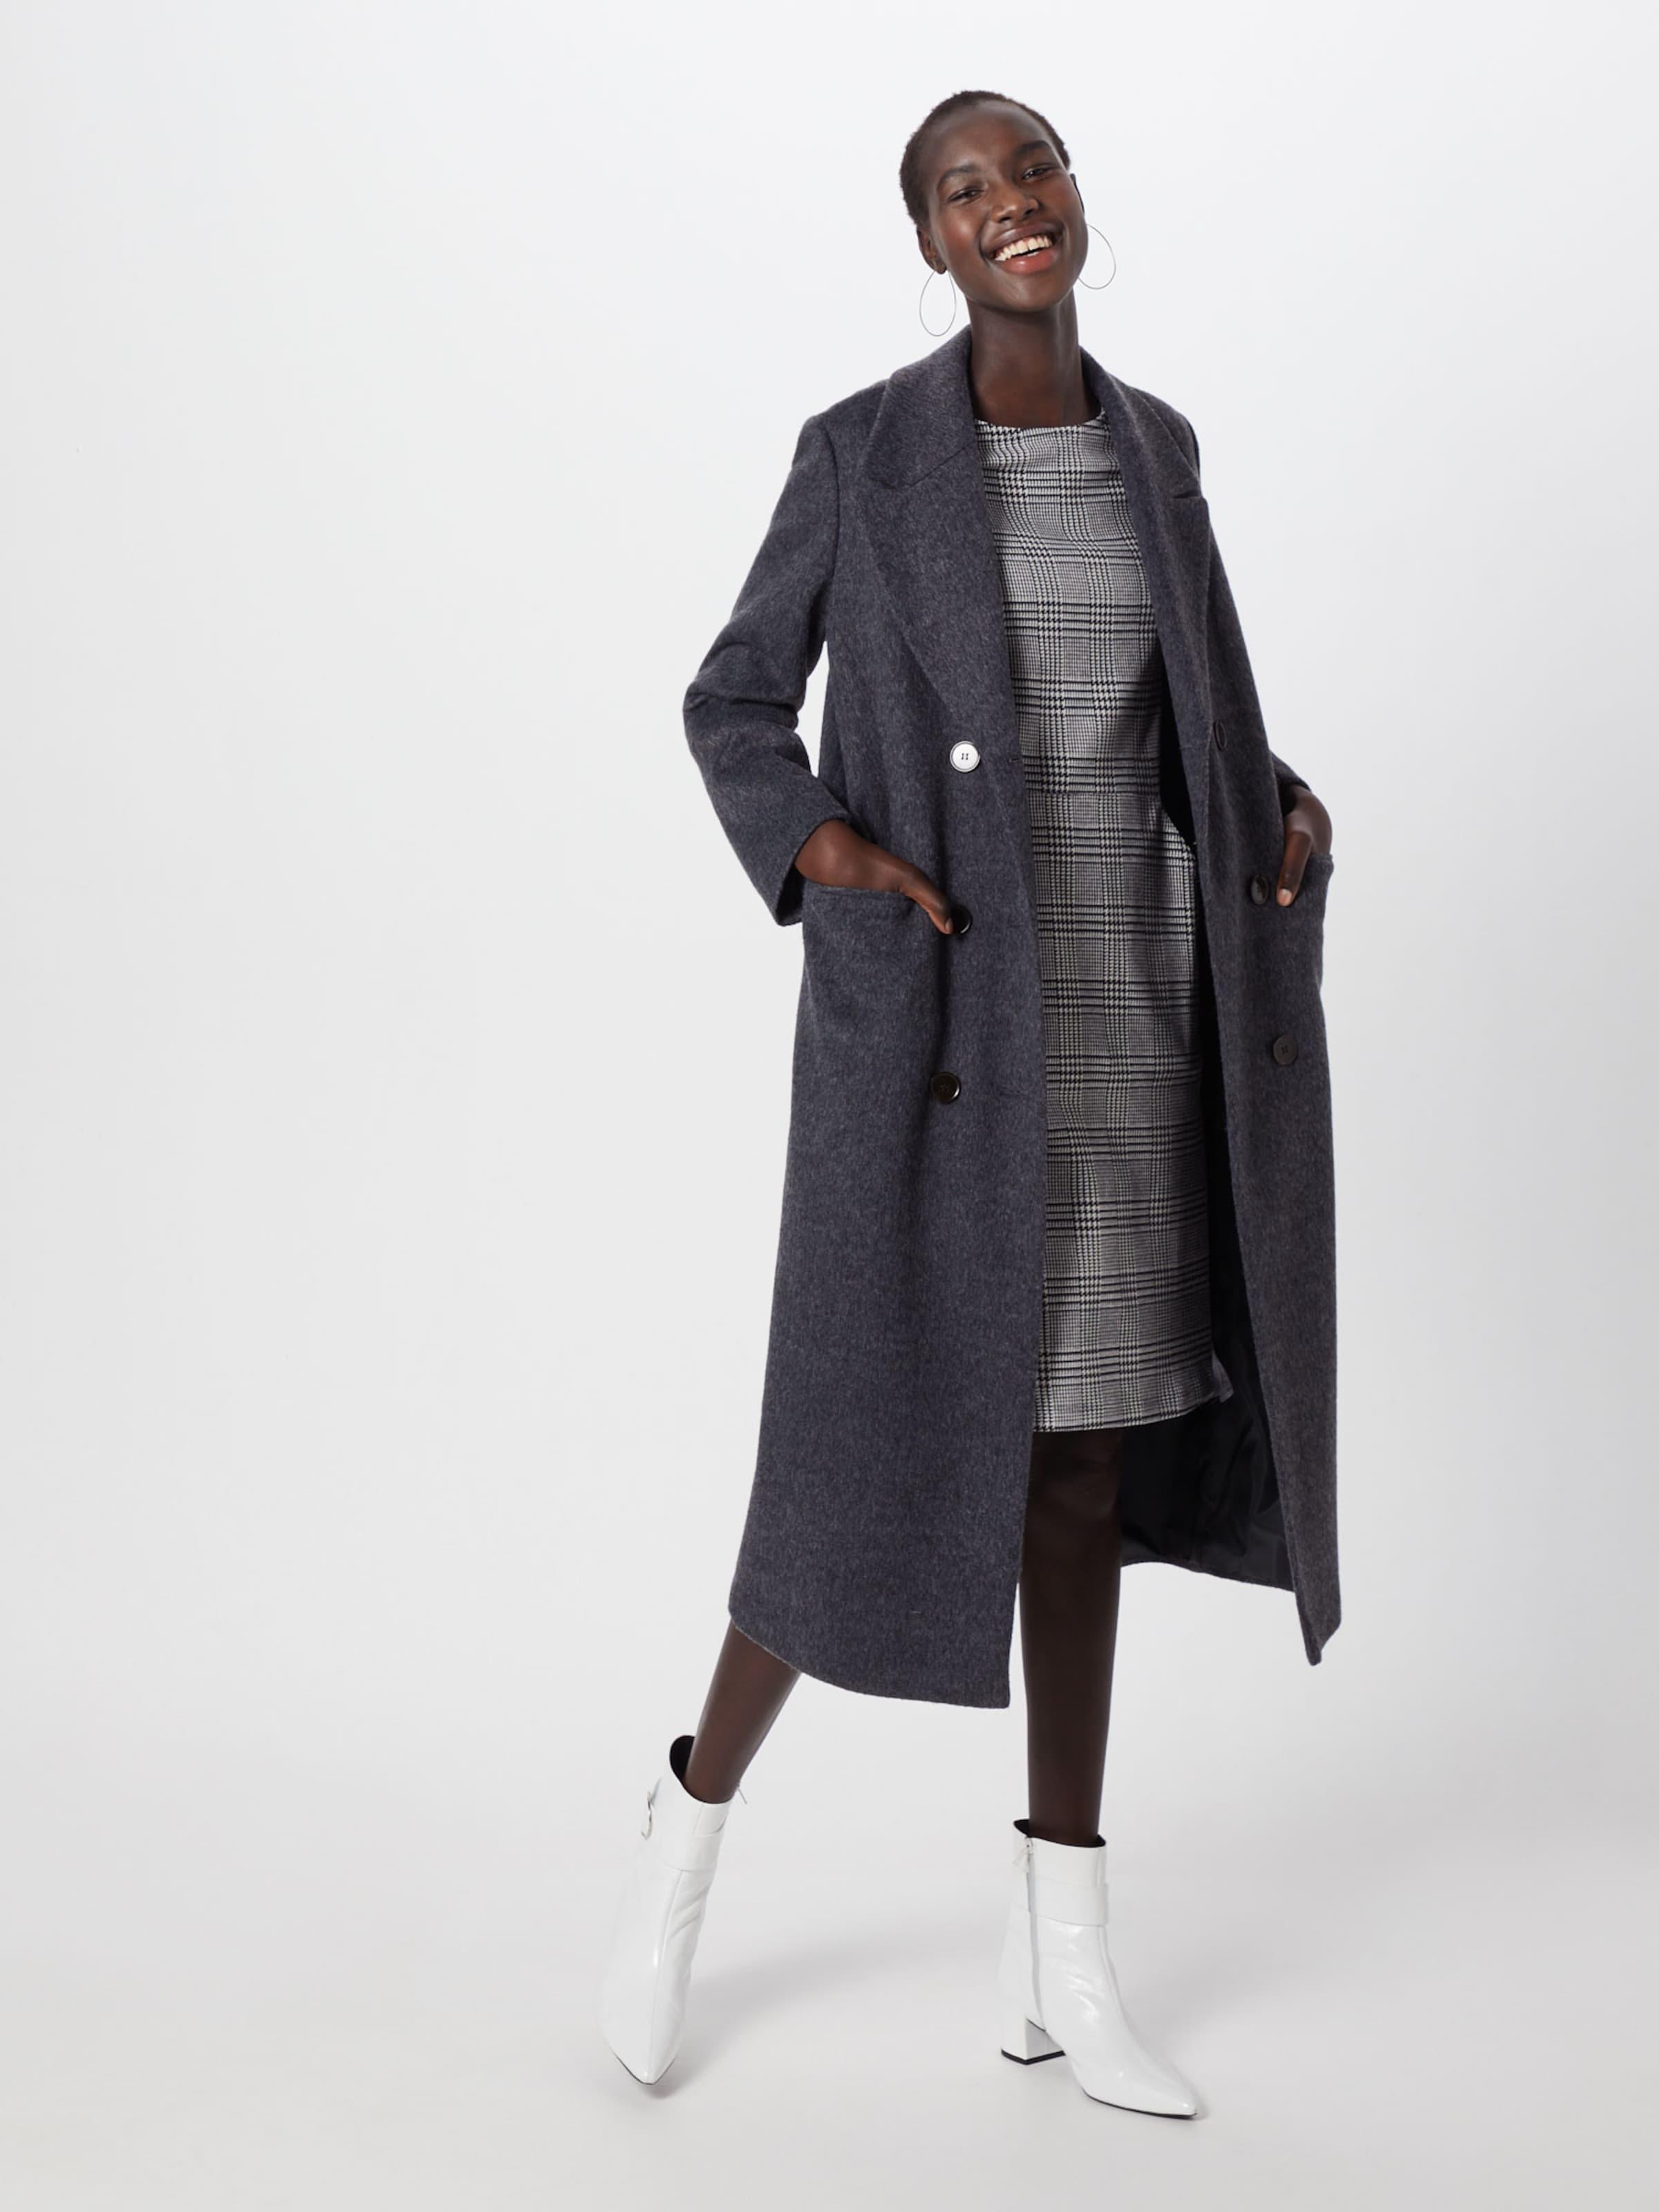 'dress' draft GrauSchwarz Re Kleid In hQrtsdCx